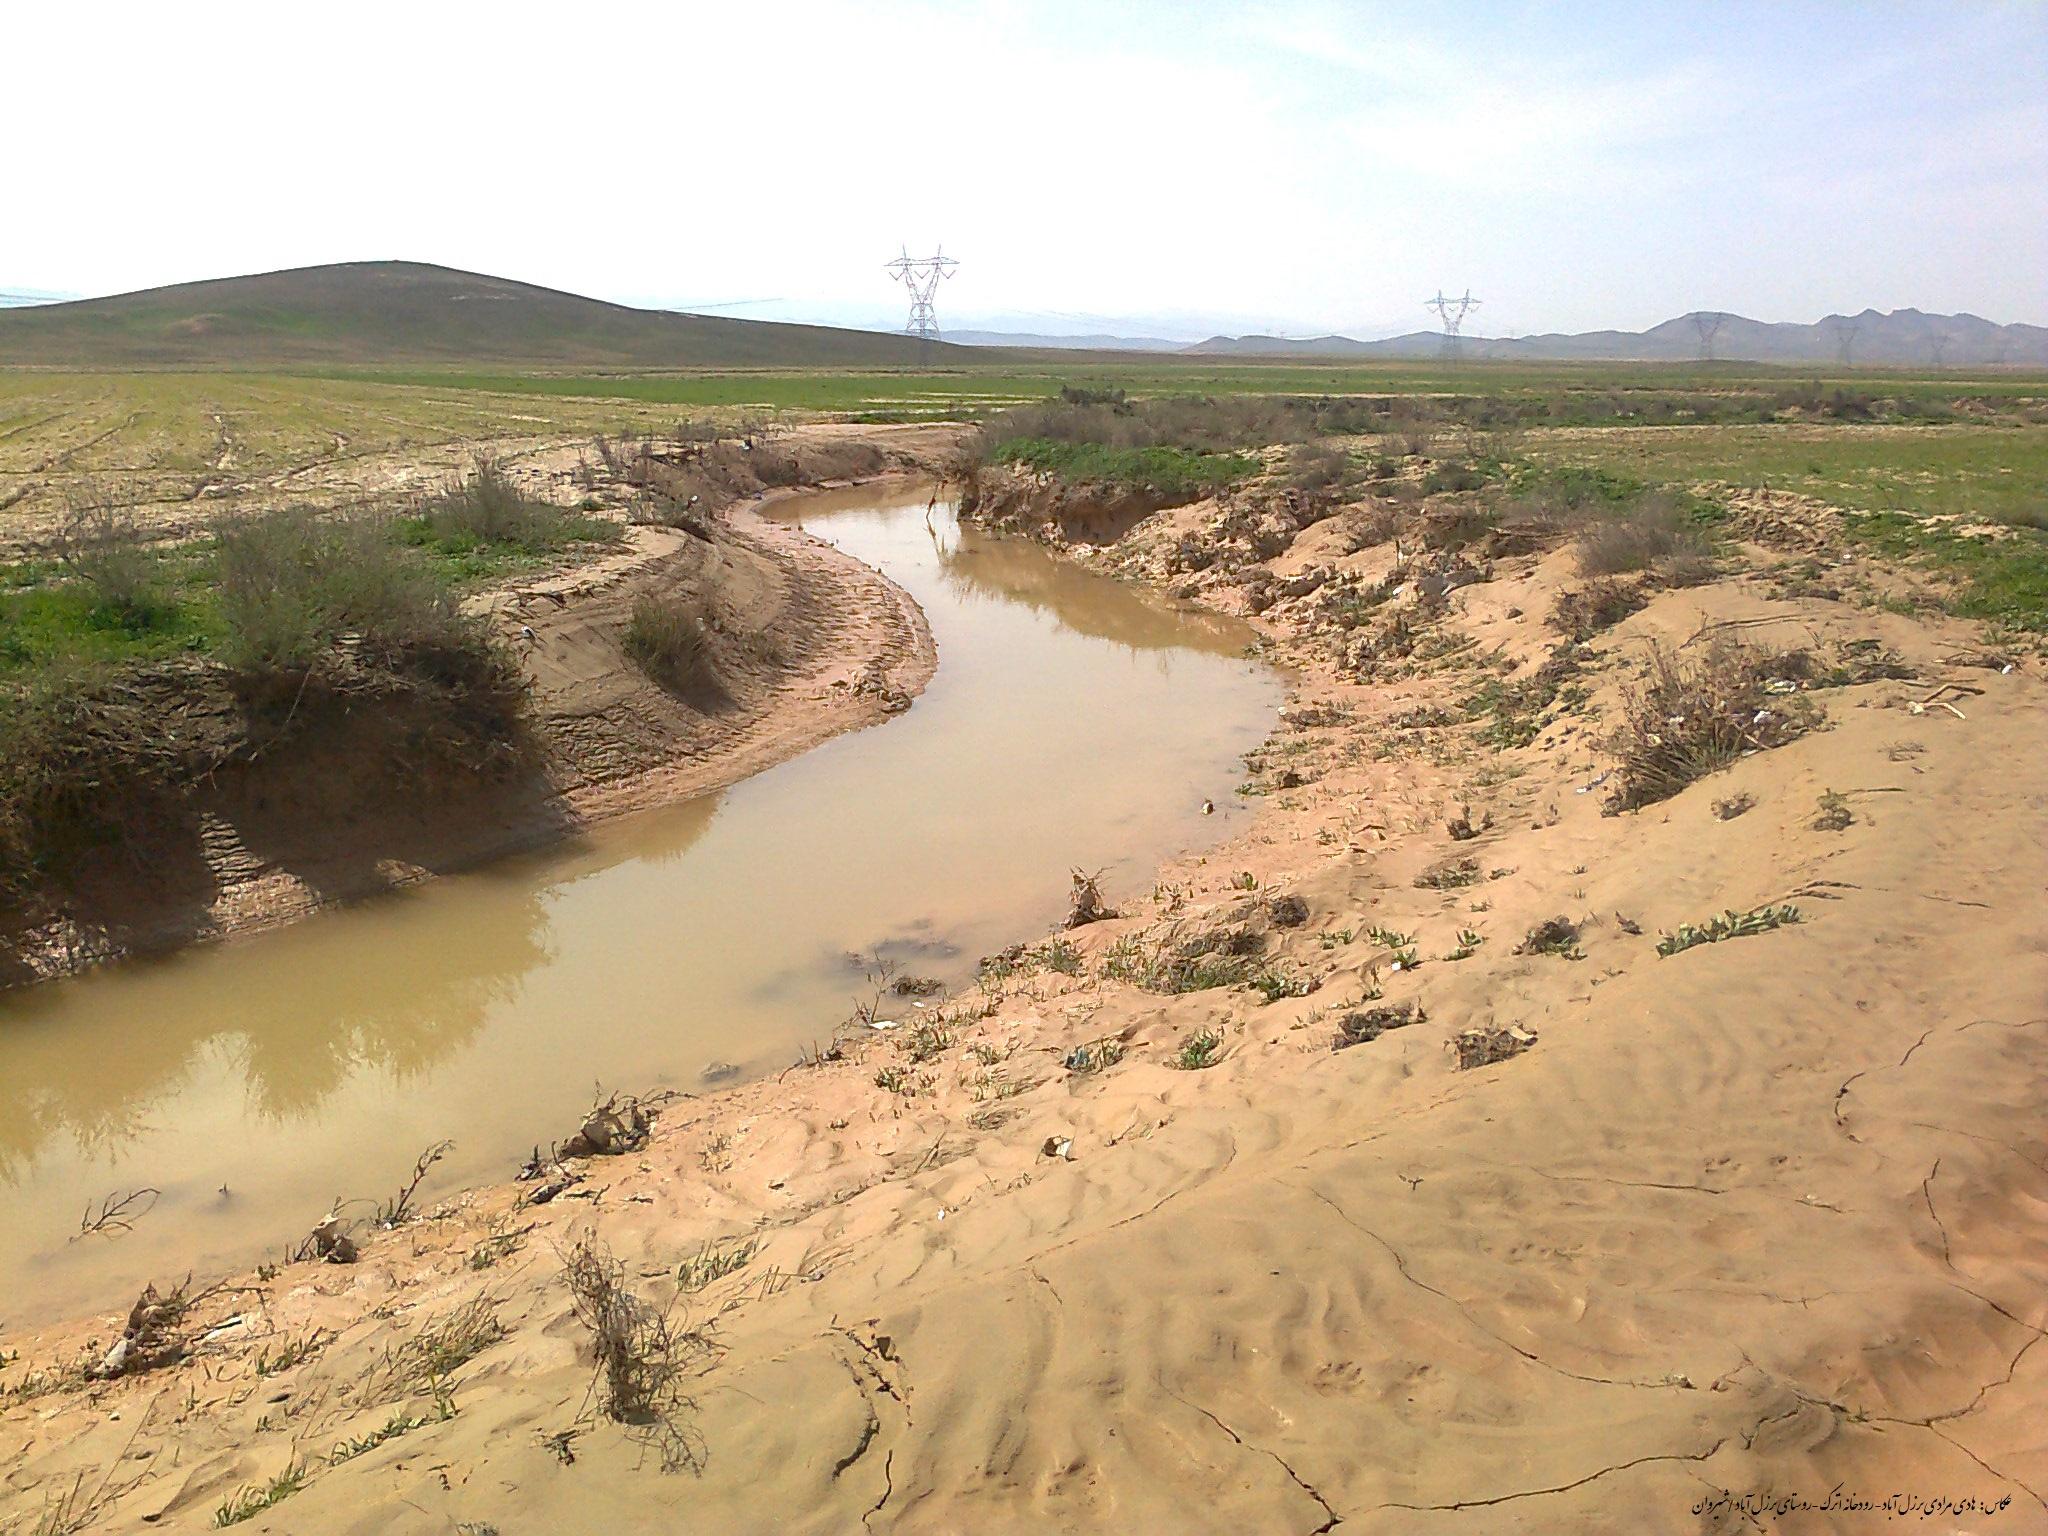 عکس هایی از حاشیه رودخانه اترک روستای برزل آباد شیروان/هادی مرادی برزل آباد